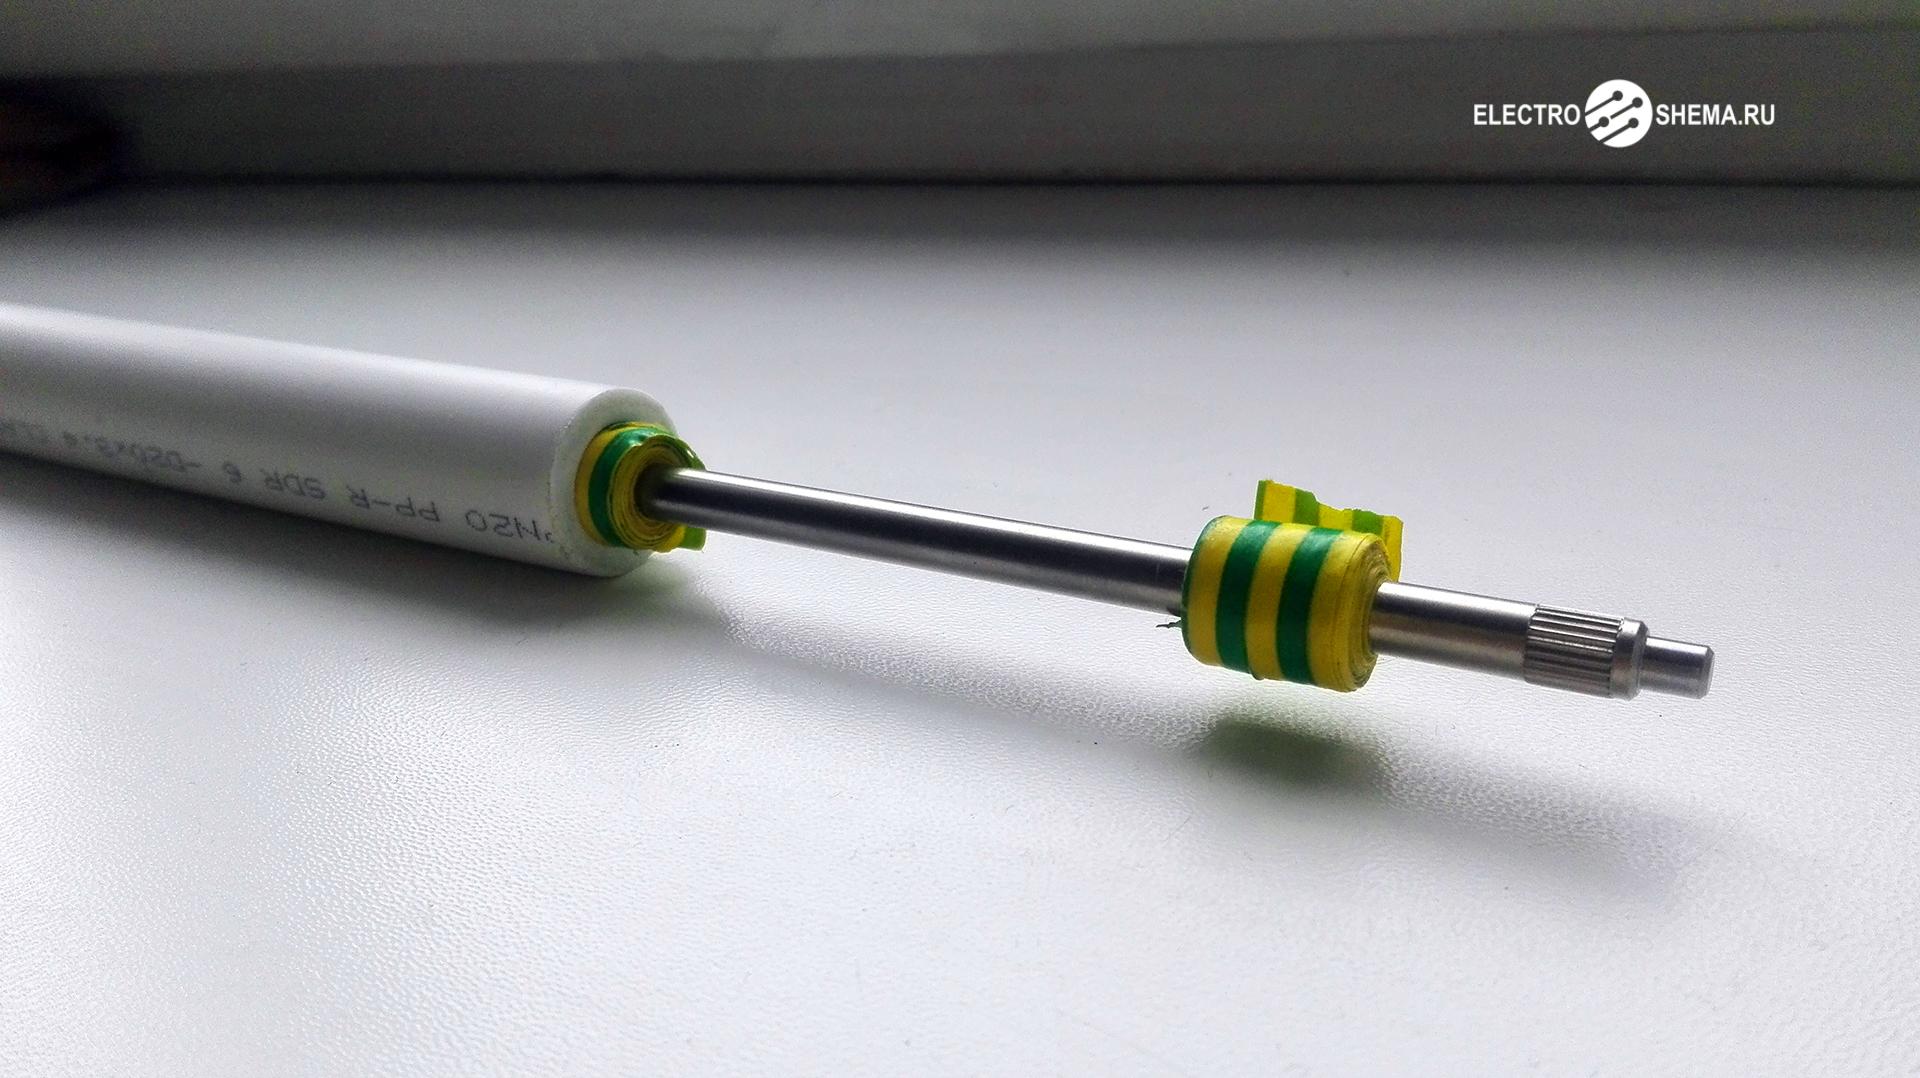 ПП-труба, надетая на вал от принтера